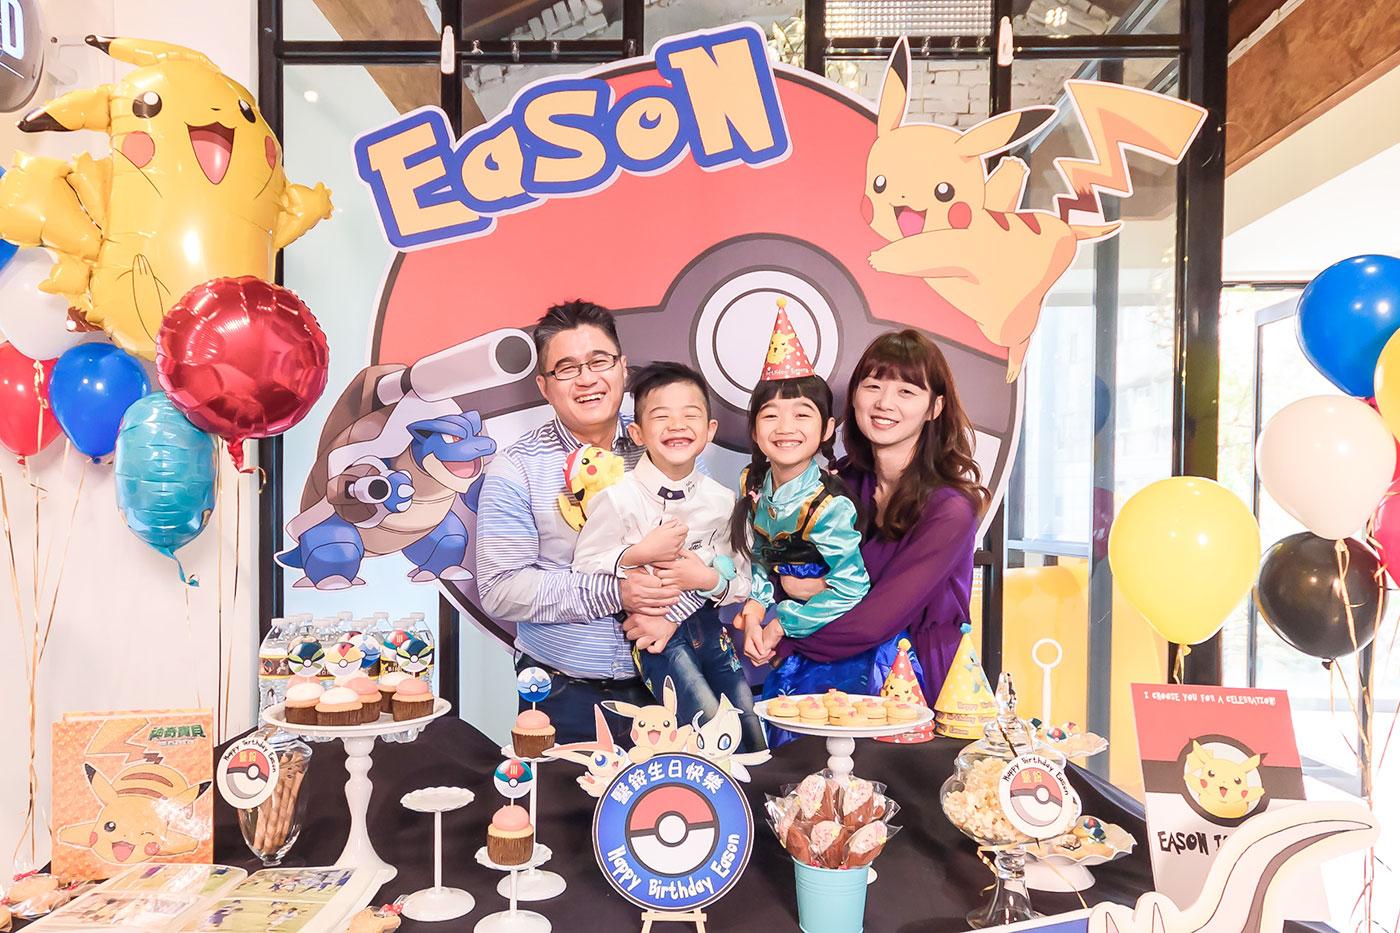 生日派對攝影 皮卡丘生日派對 小樂圓親子餐廳